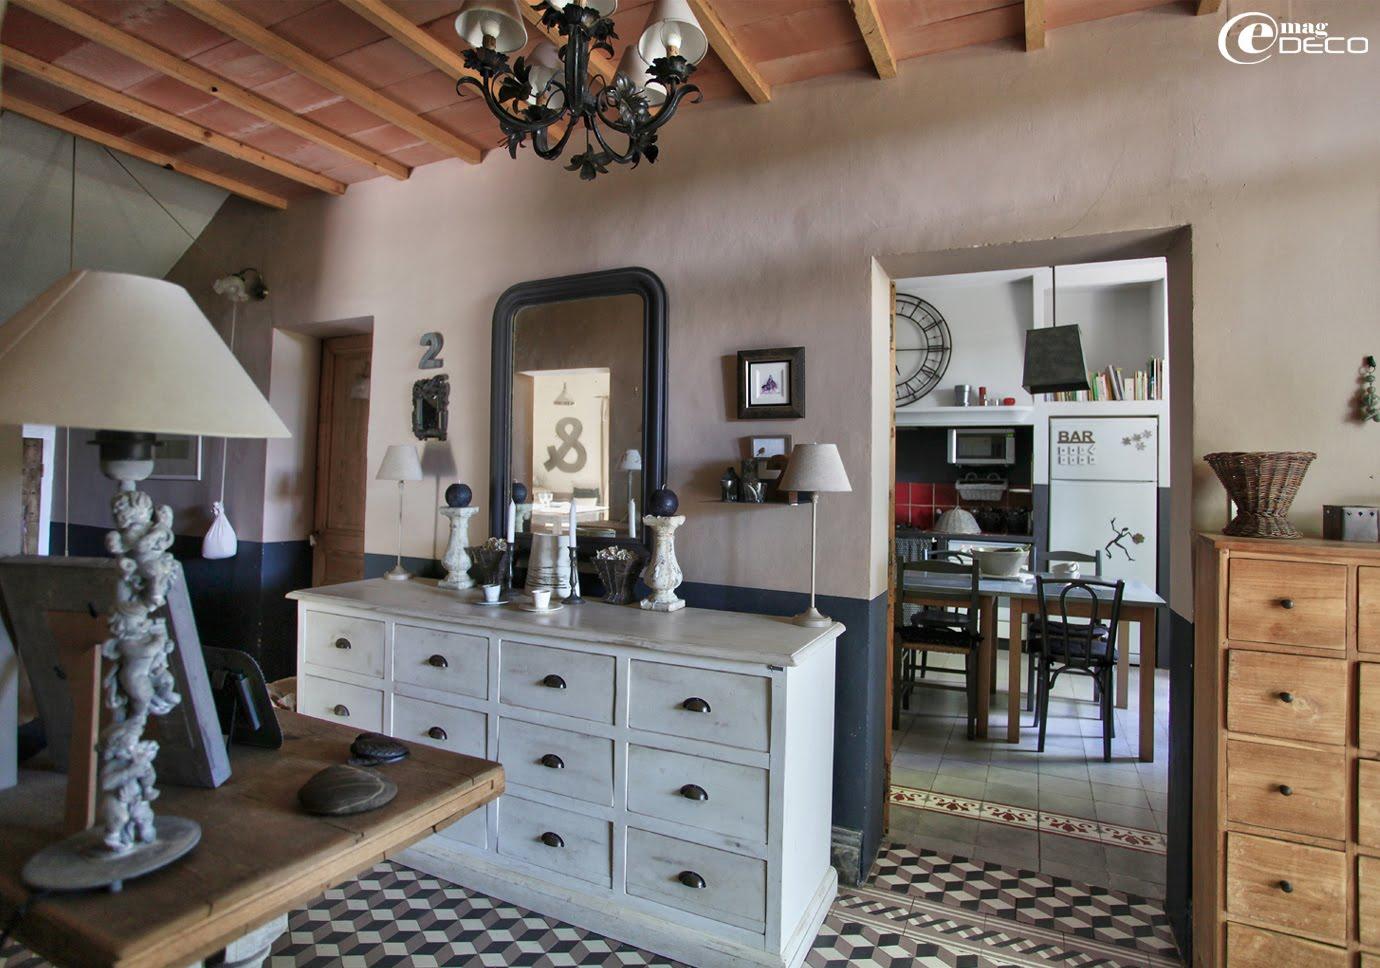 Installés dans l'entrée de la maison d'Elsa Peyremorte, des meubles de métier simplement repeints ou patinés sont très actuels et fonctionnels